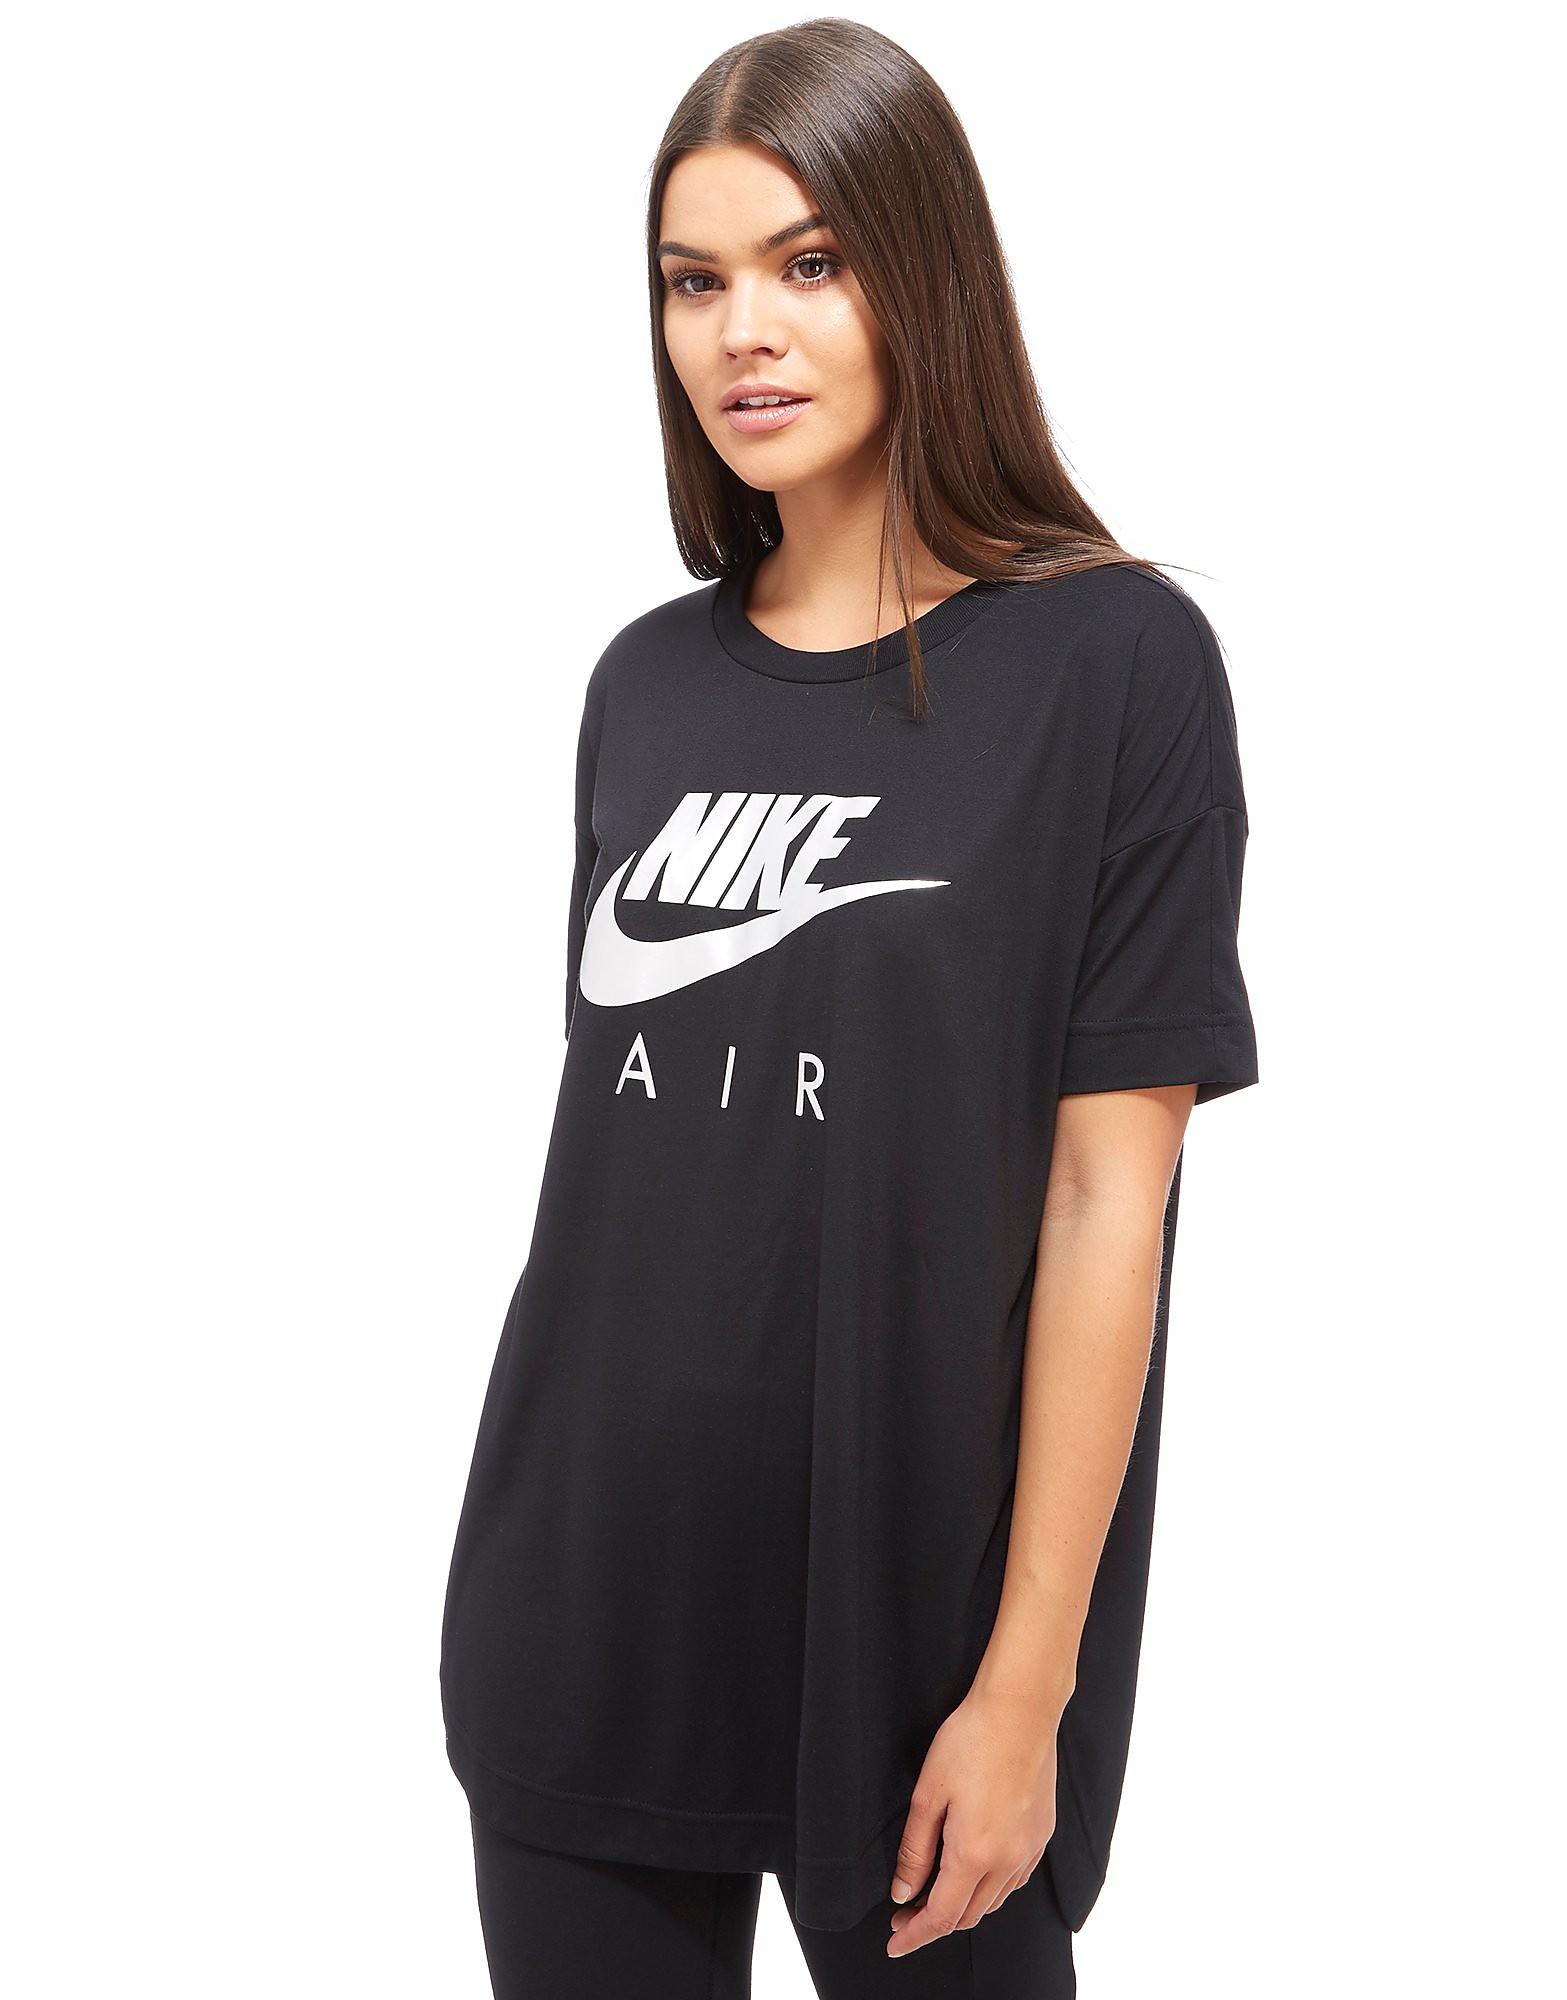 Nike T-shir Air Scoop Femme